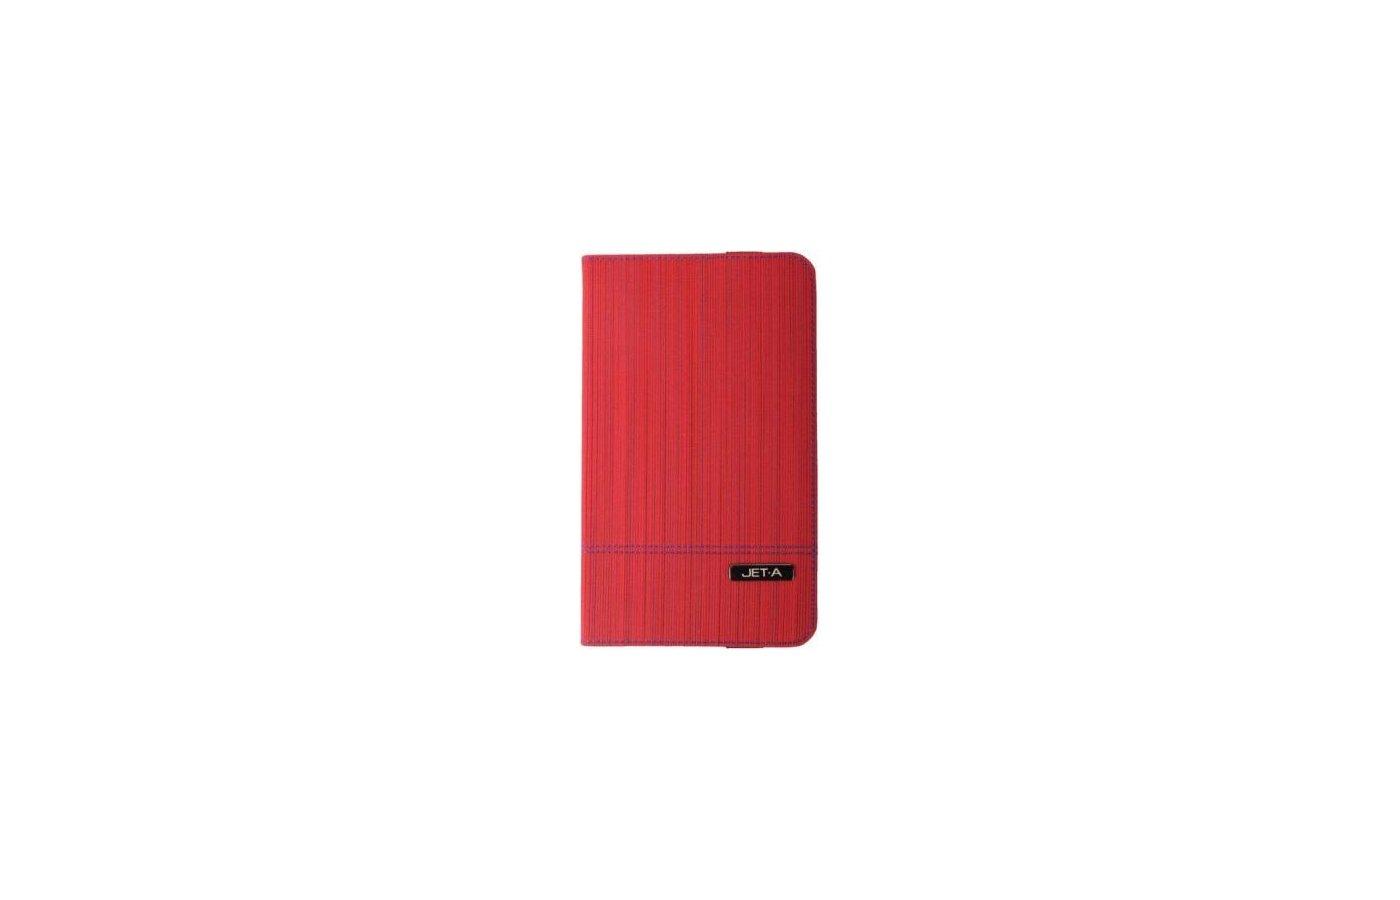 Чехол для планшетного ПК Jet.A SC7-7 для Samsung GT4 7 Цвет - Красный